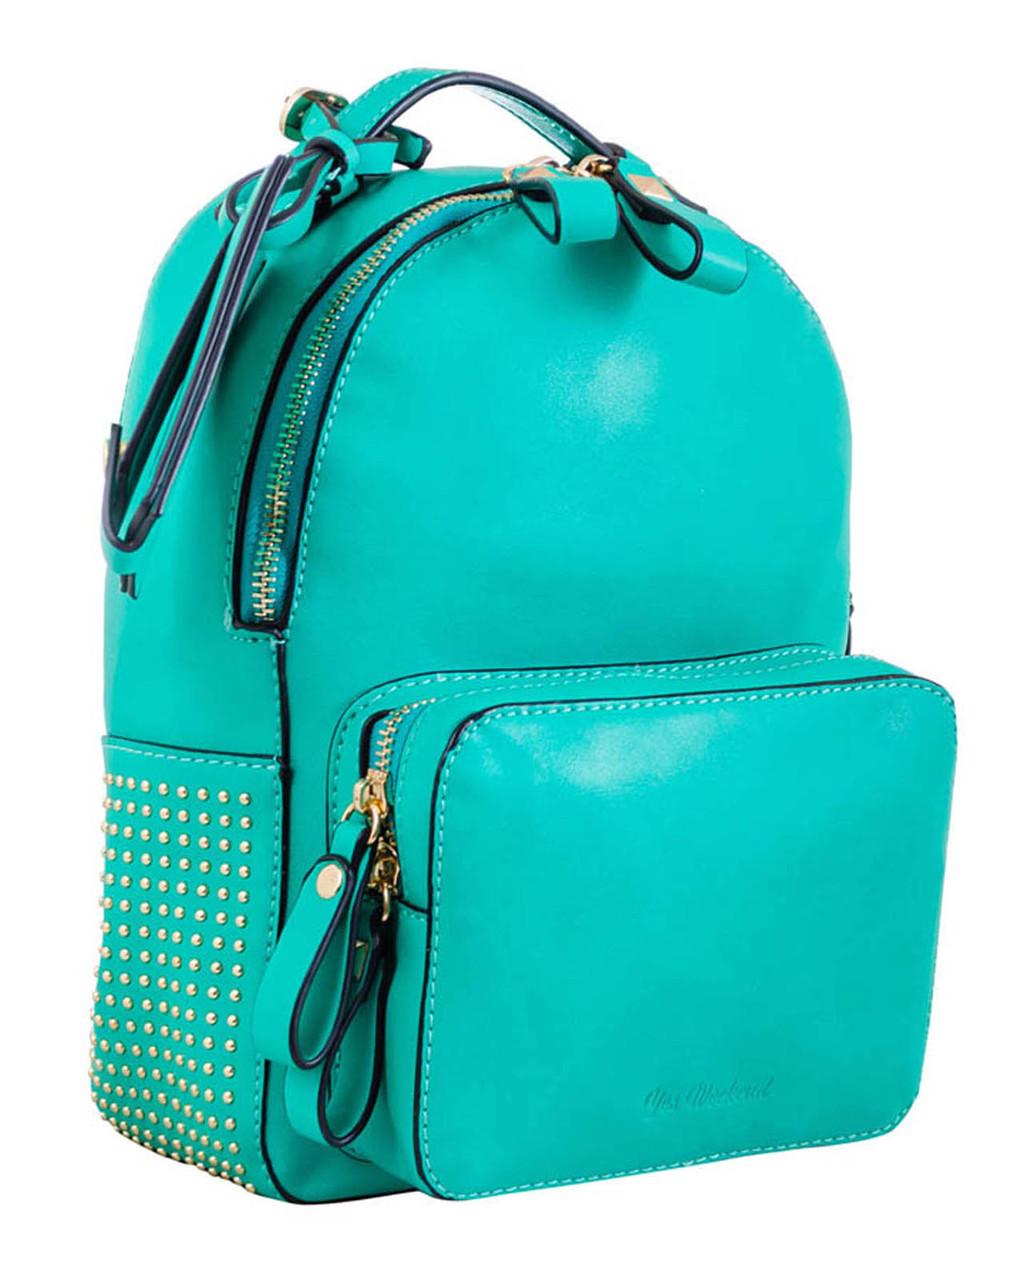 Сумка-рюкзак YES, мята, 26*18*9